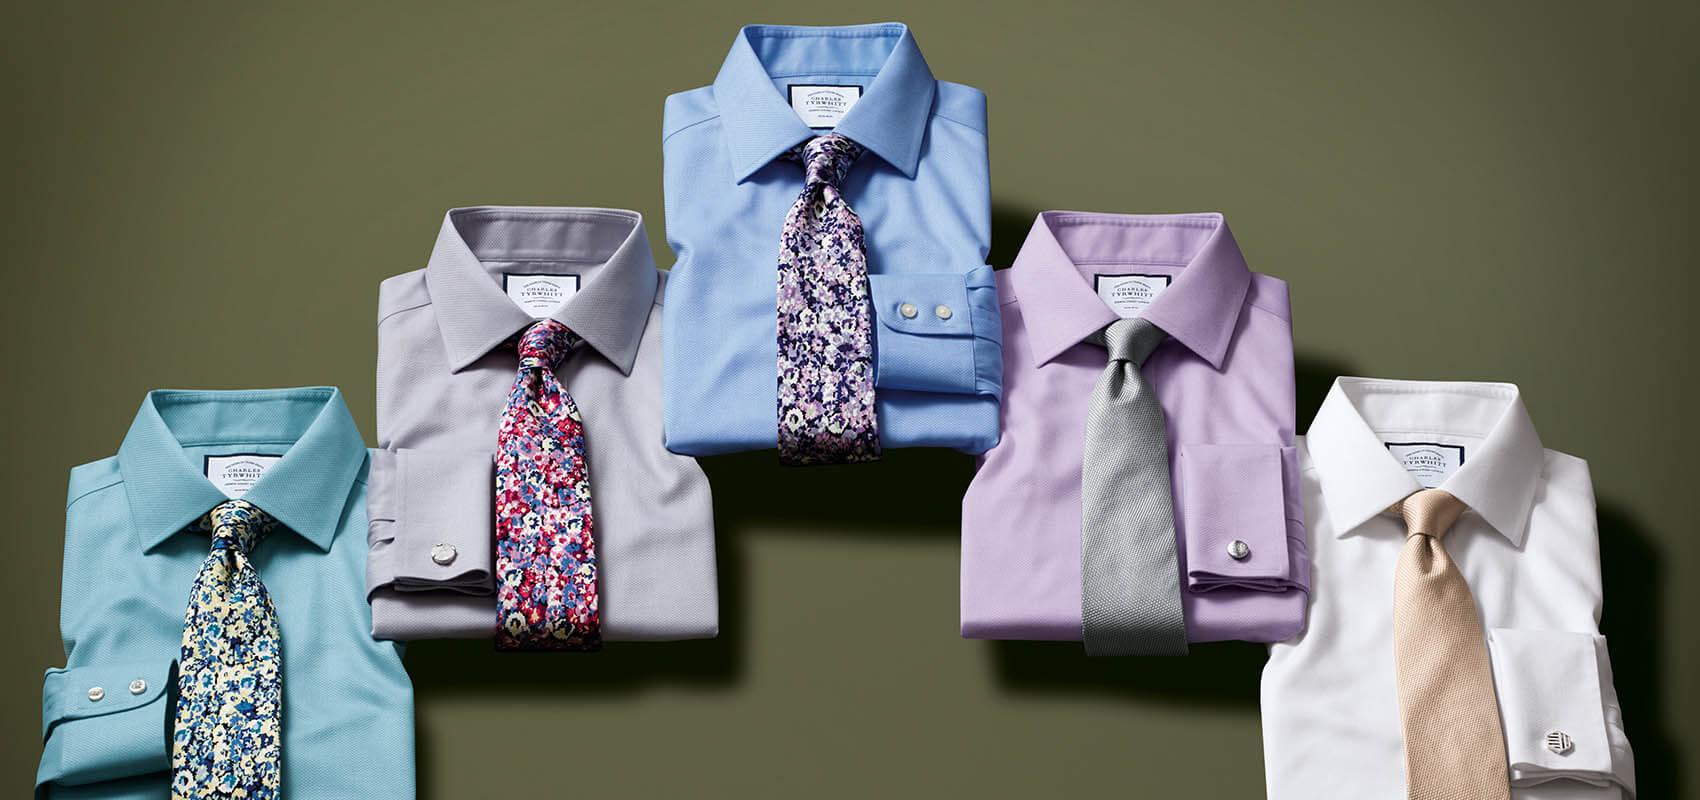 Charles Tyrwhitt Triangle Weave Shirts